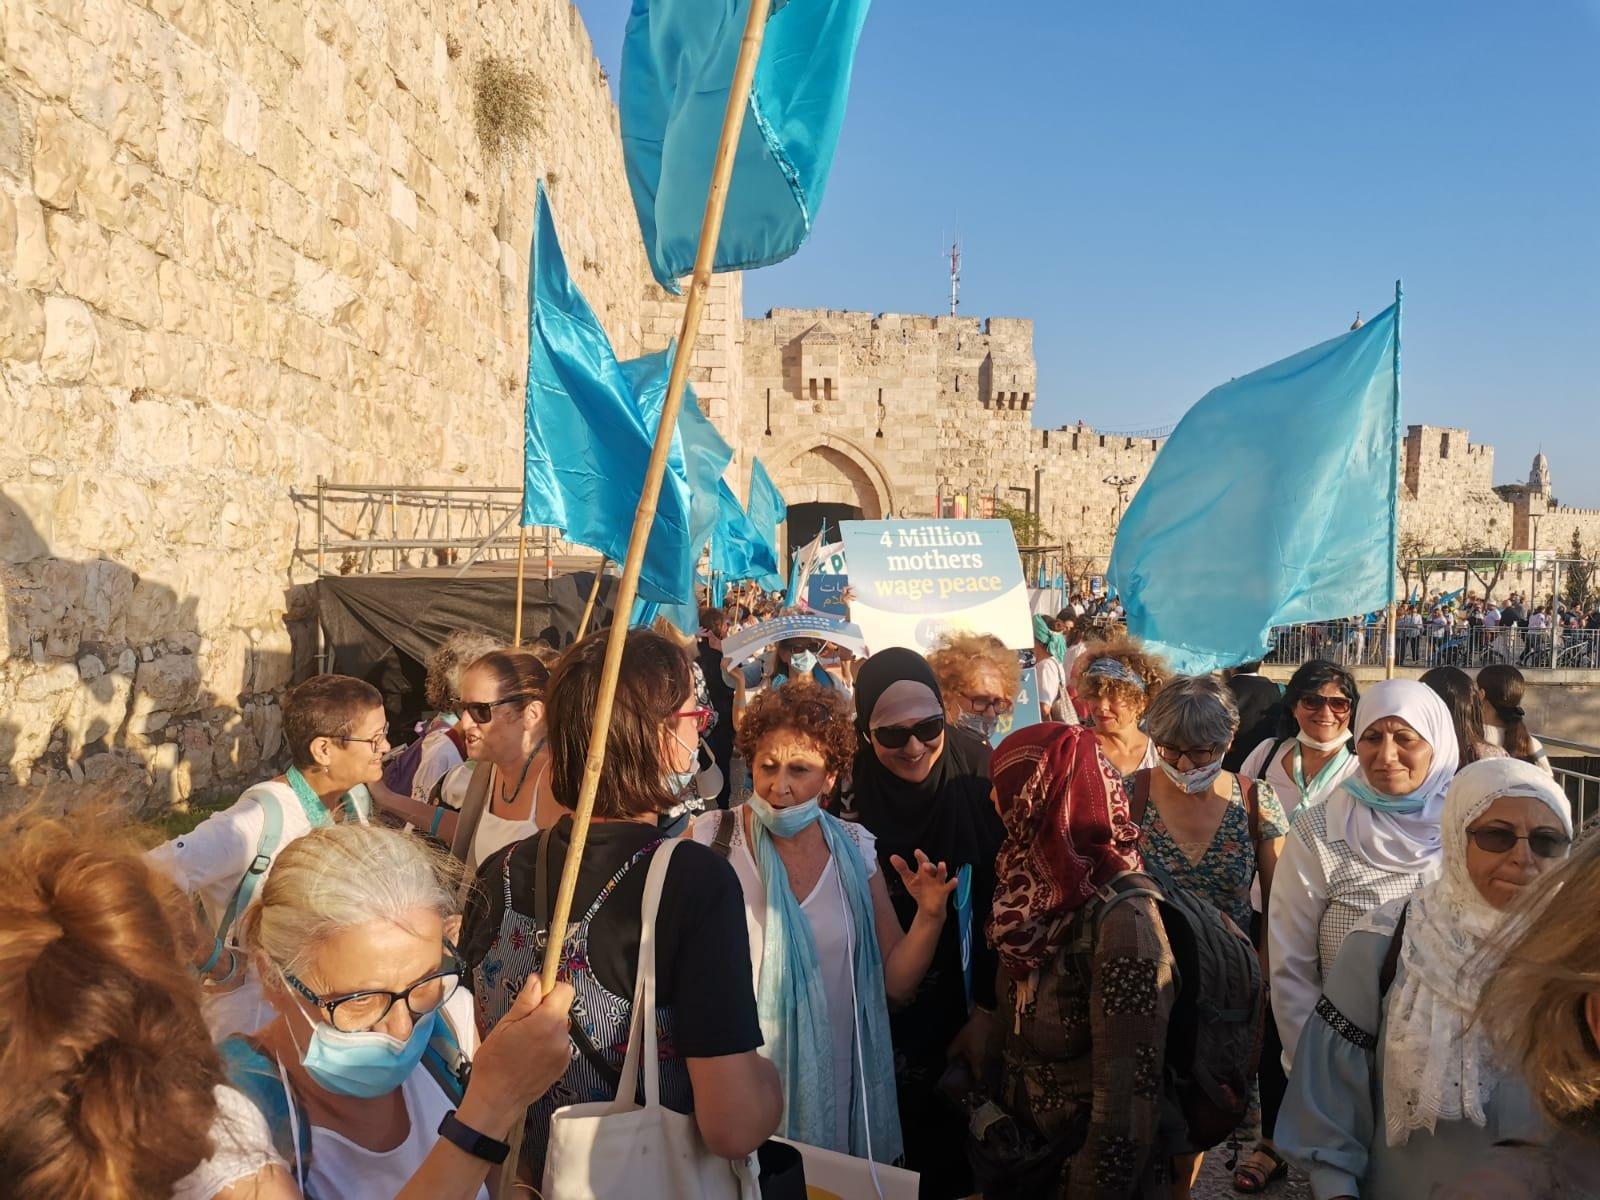 """""""نساء يصنعن السلام """" ينظمن سلسلة بشرية لتحقيق السلام بين الشعبين-2"""